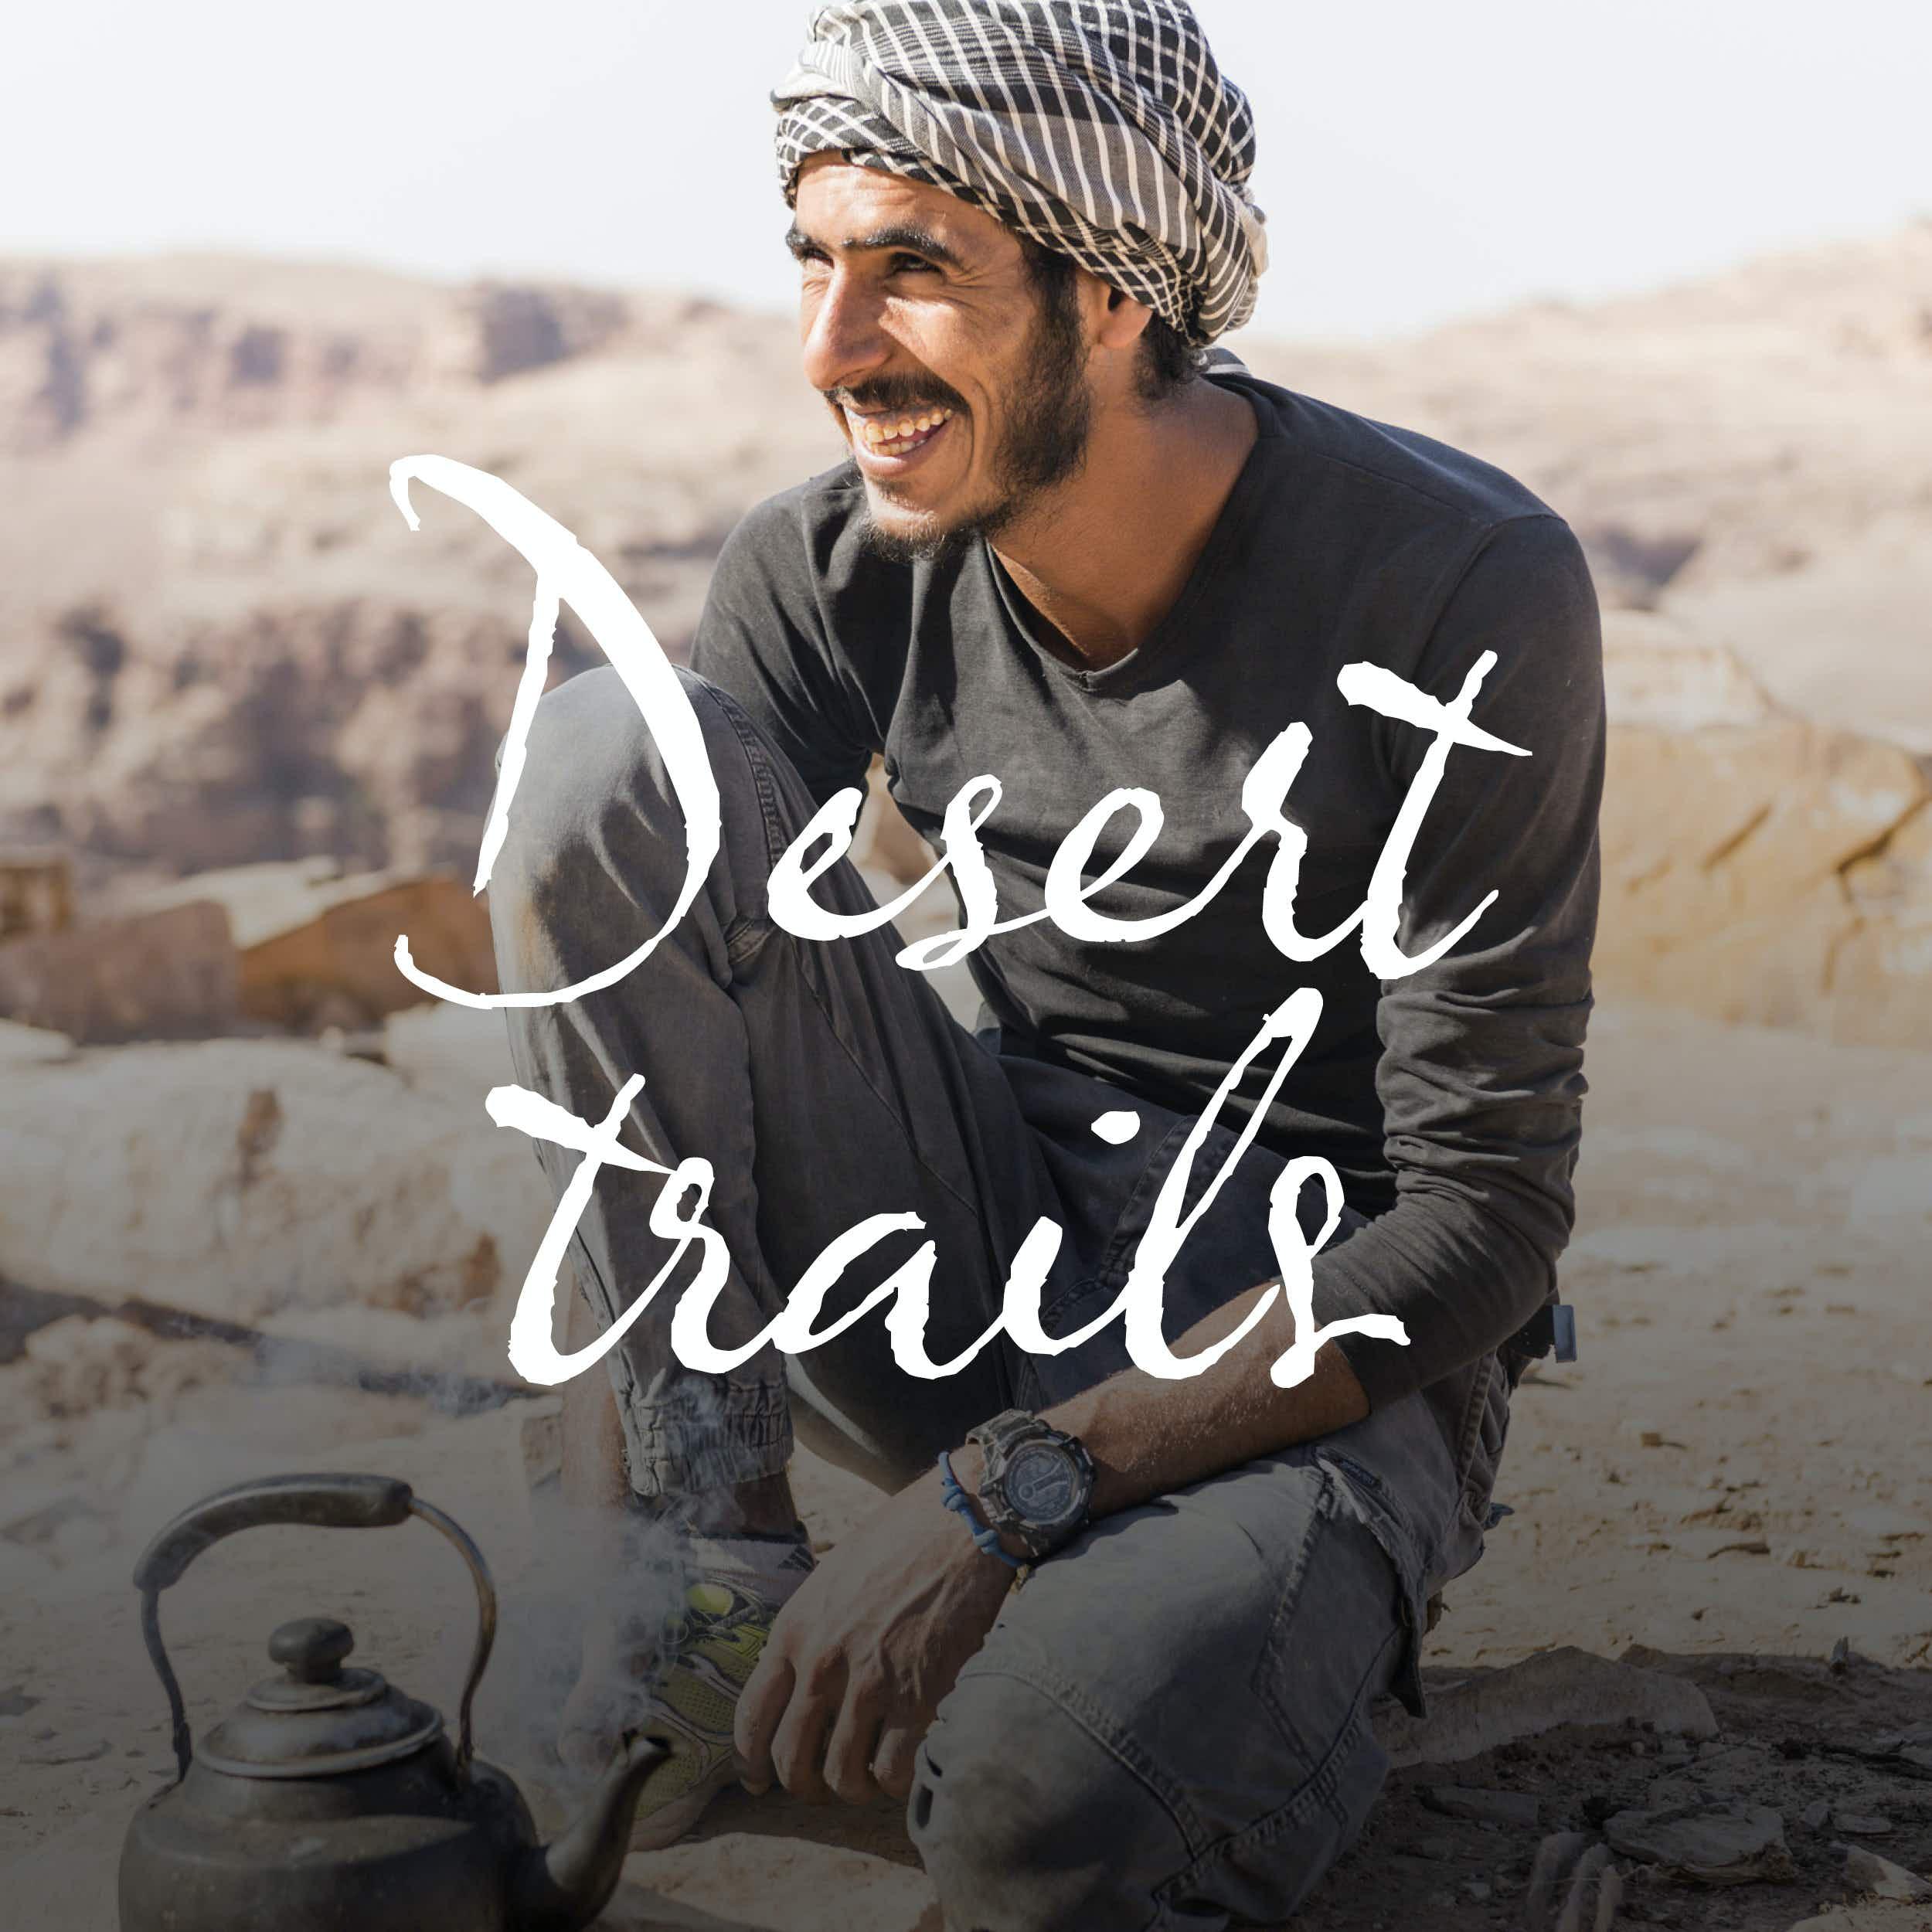 Hiking guide Mohammed Al Homran prepares a pot of tea